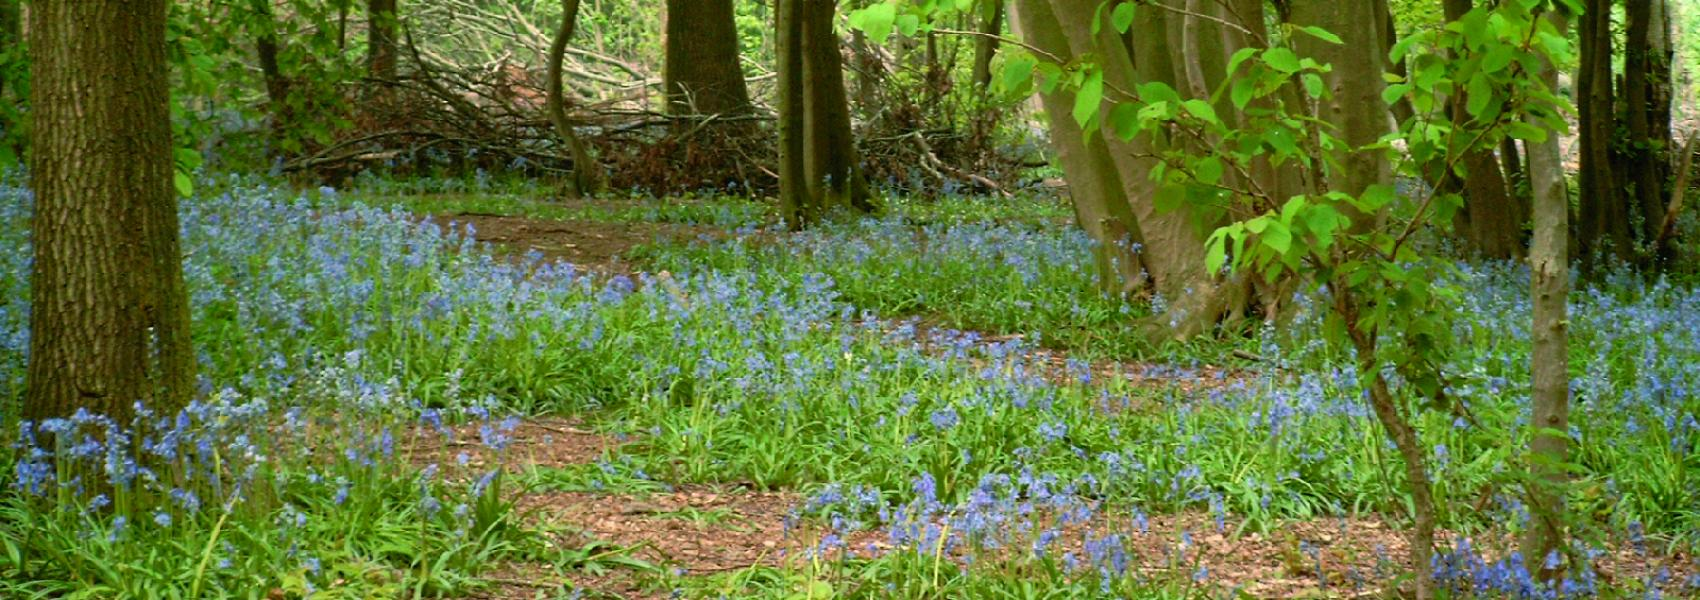 paarse bloemen in het bos